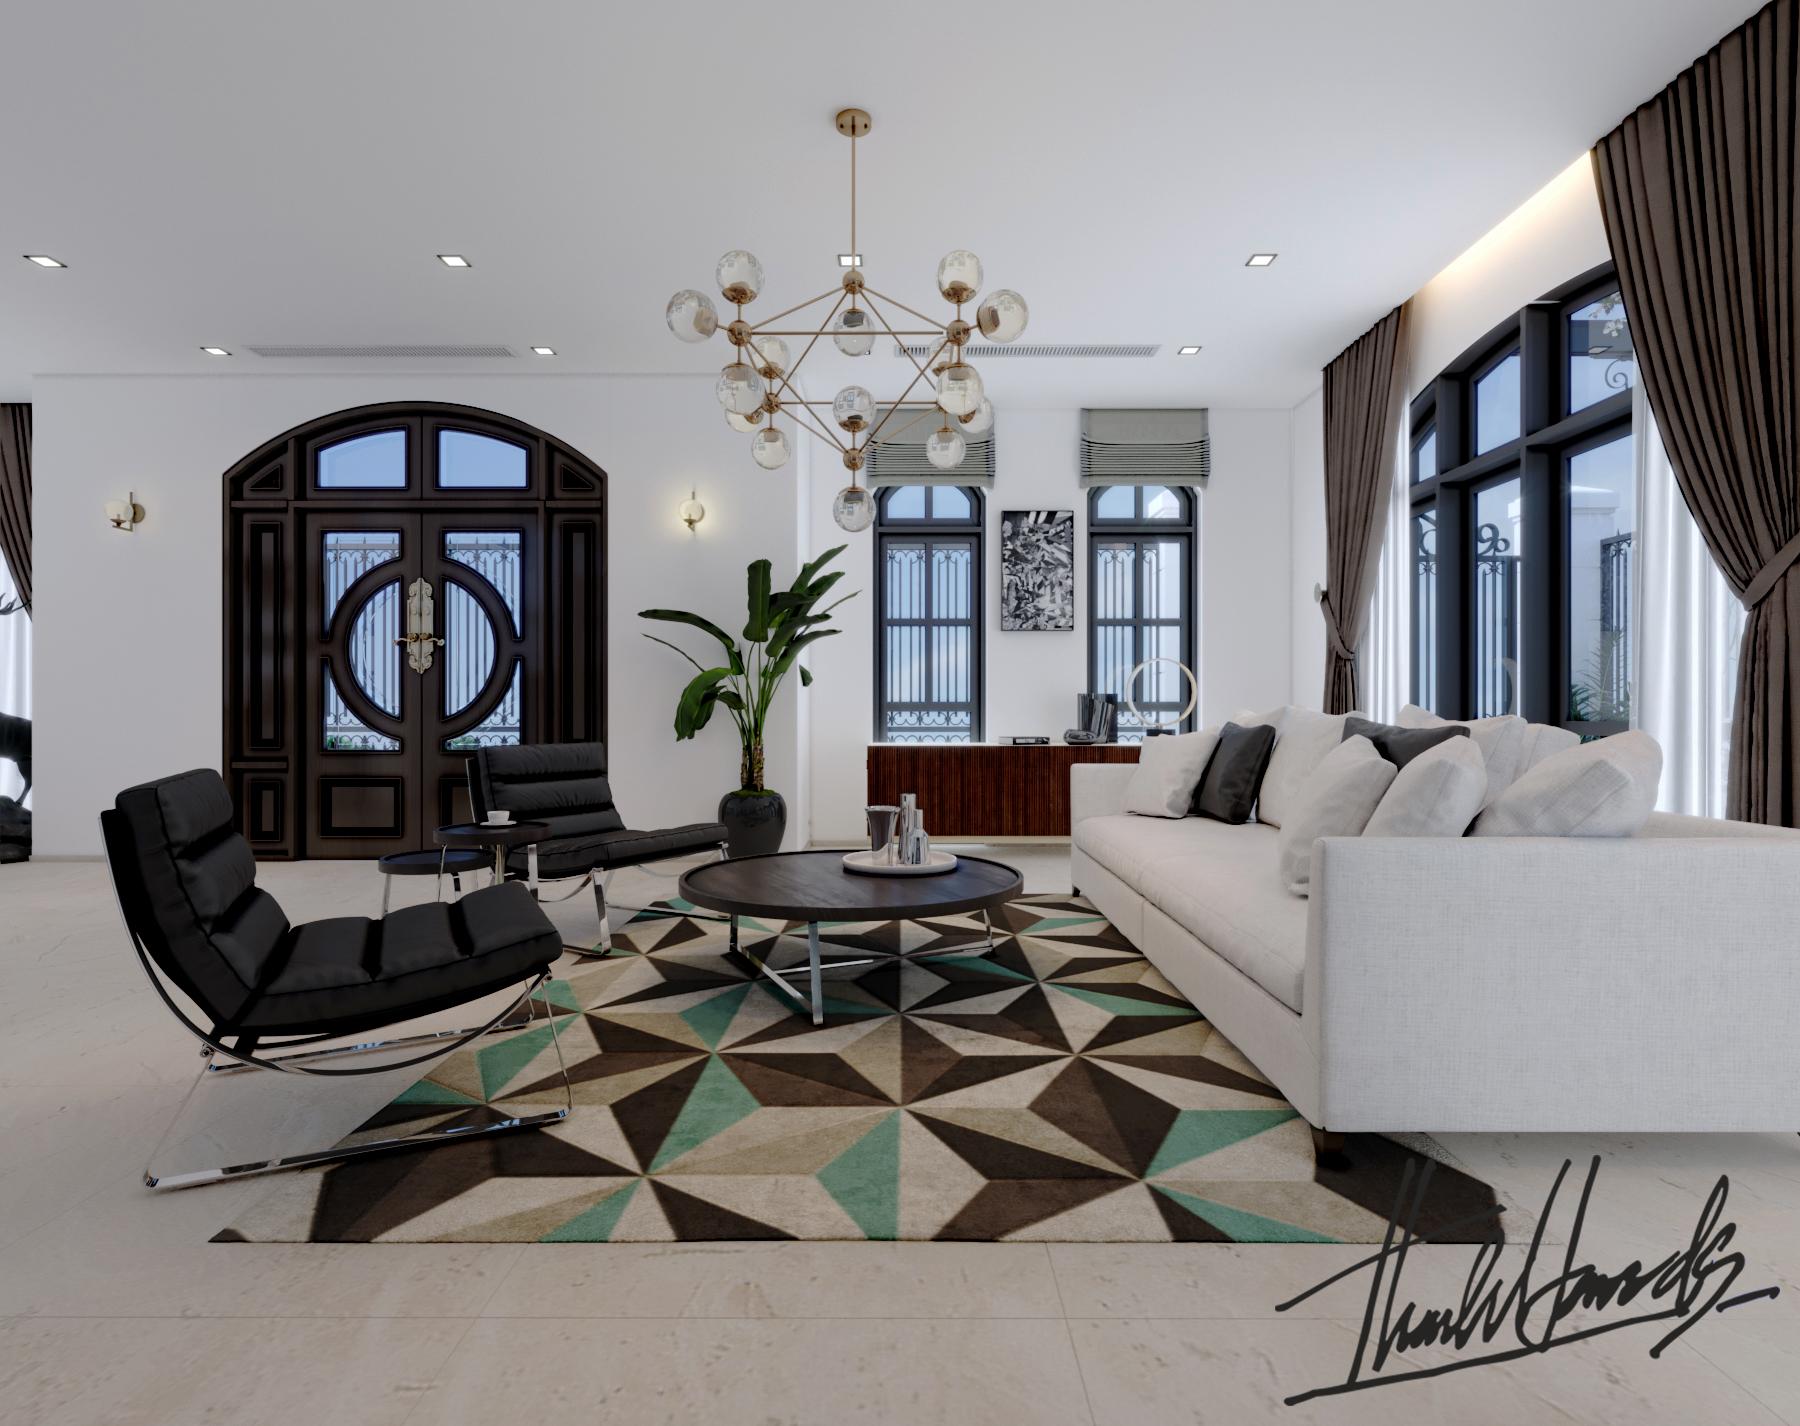 thiết kế nội thất Biệt Thự tại Hải Phòng Biệt thự Vinhomes - imperia ( khu VEN) 13 1568278764